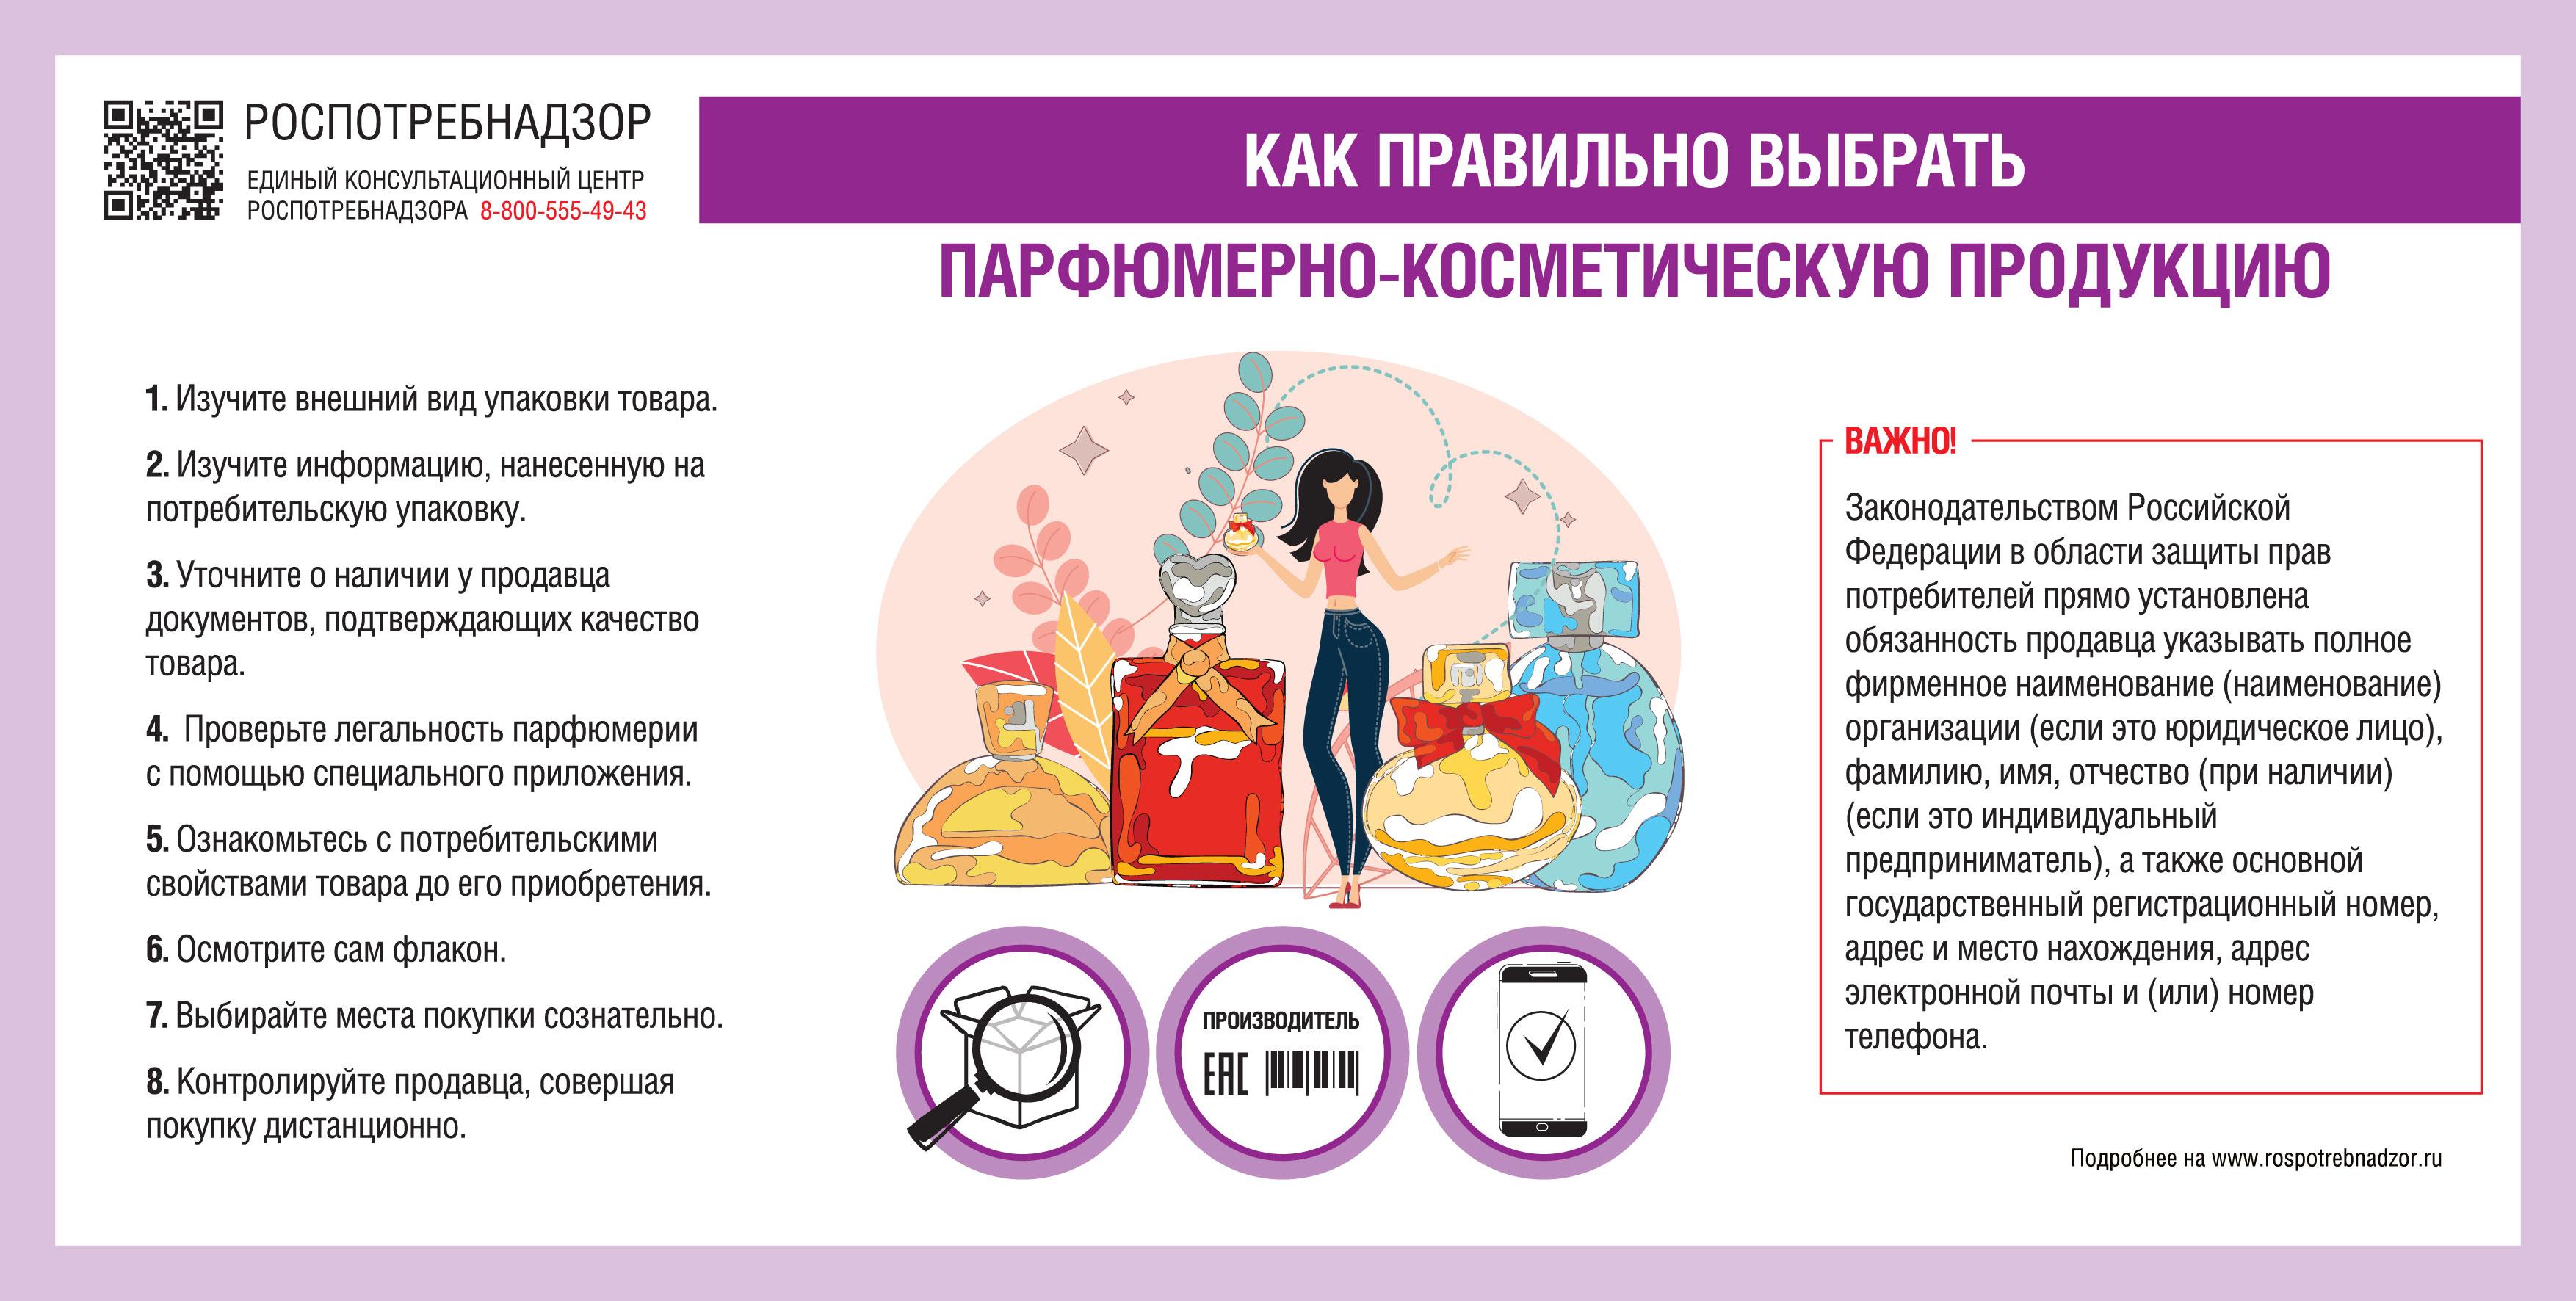 О рекомендациях как правильно выбрать парфюмерно-косметическую продукцию